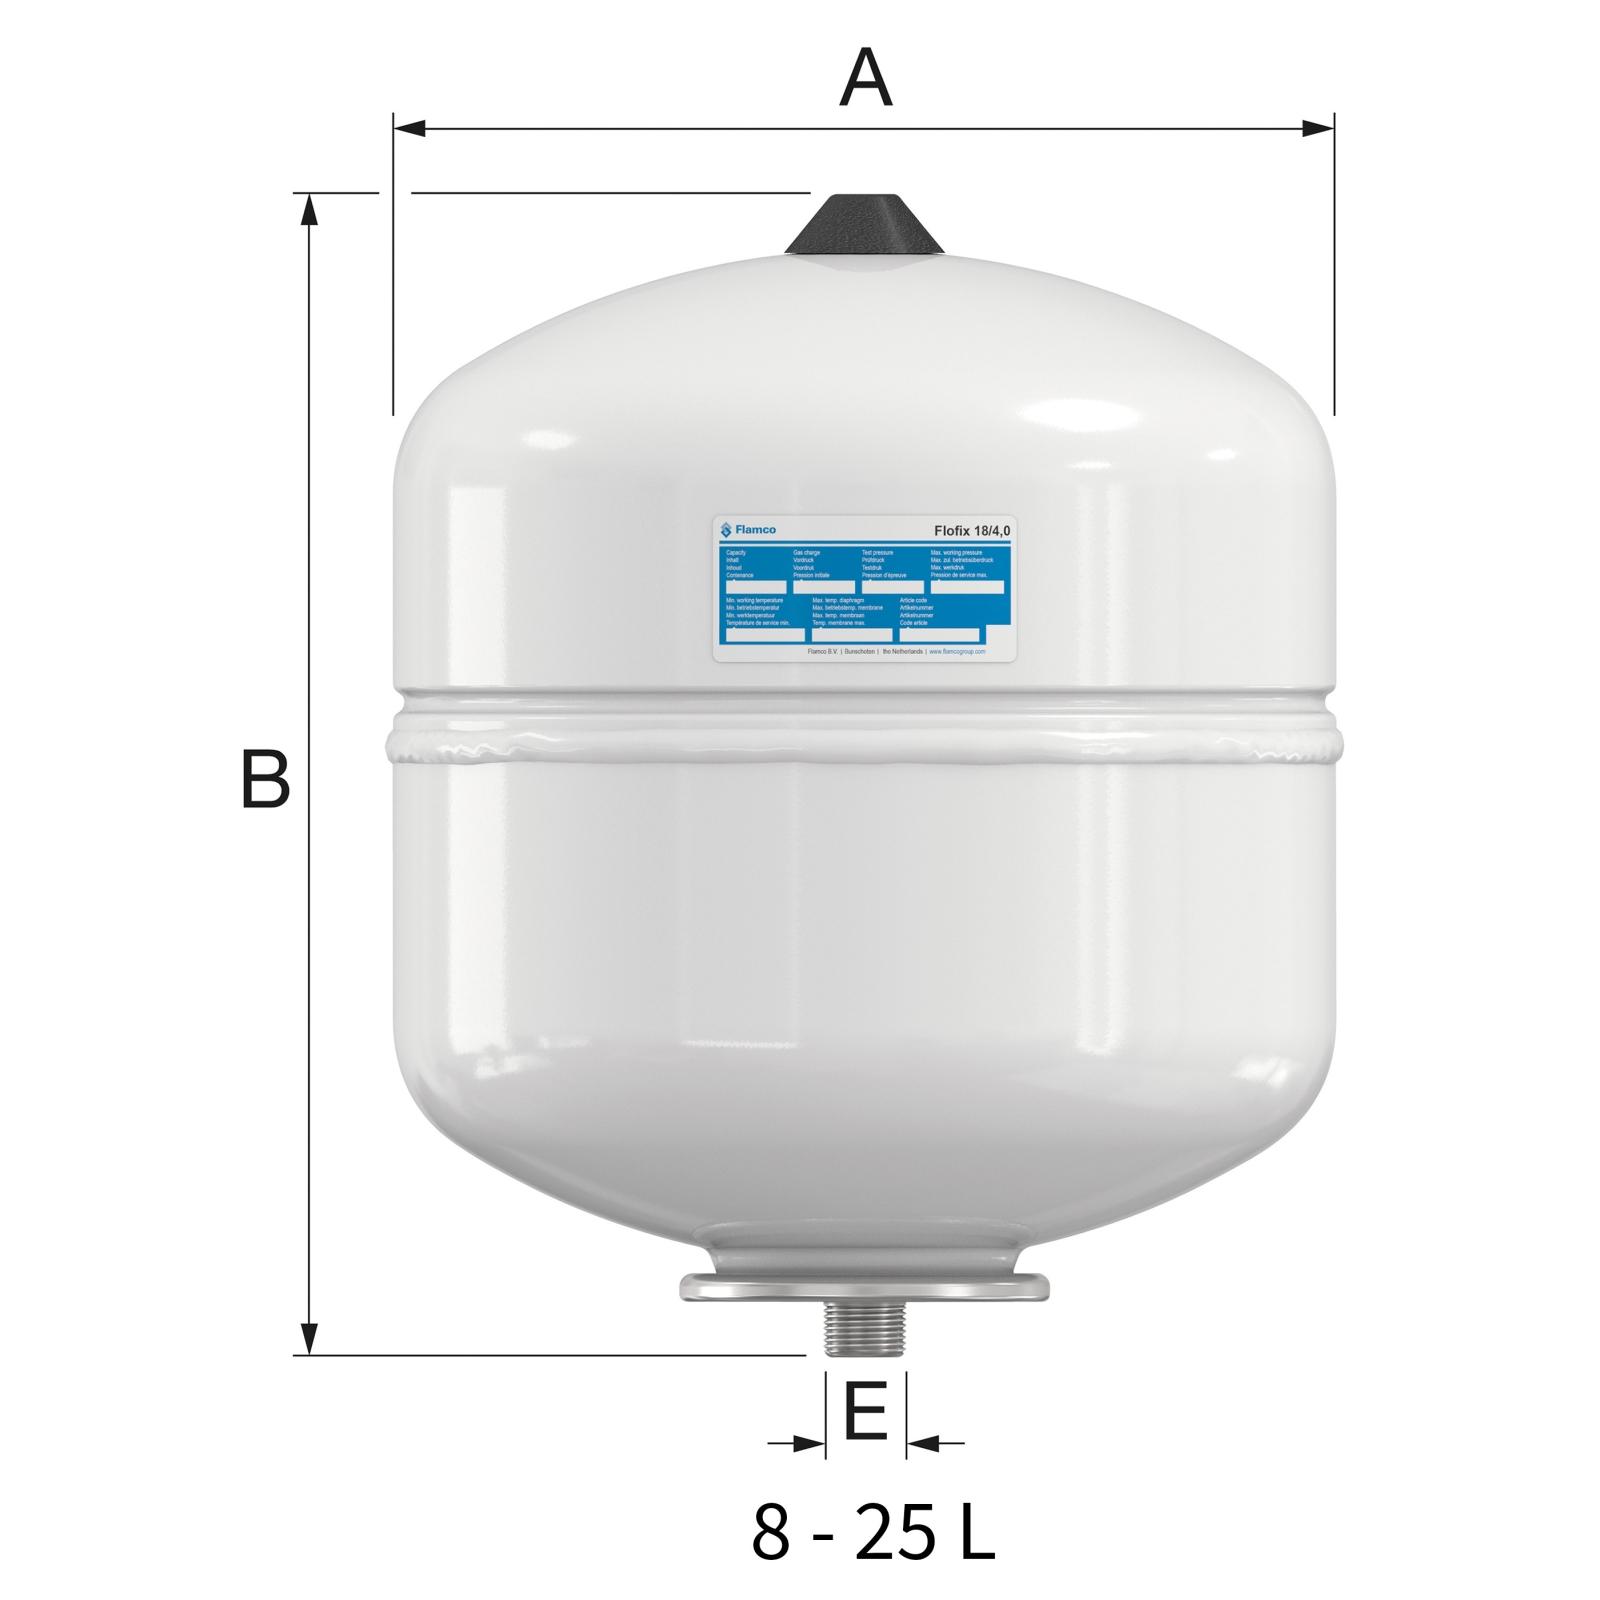 Flamco Flofix 25 Ivóvizes tágulási tartály fali 25 literes 10 bar (25293) műszaki ábra